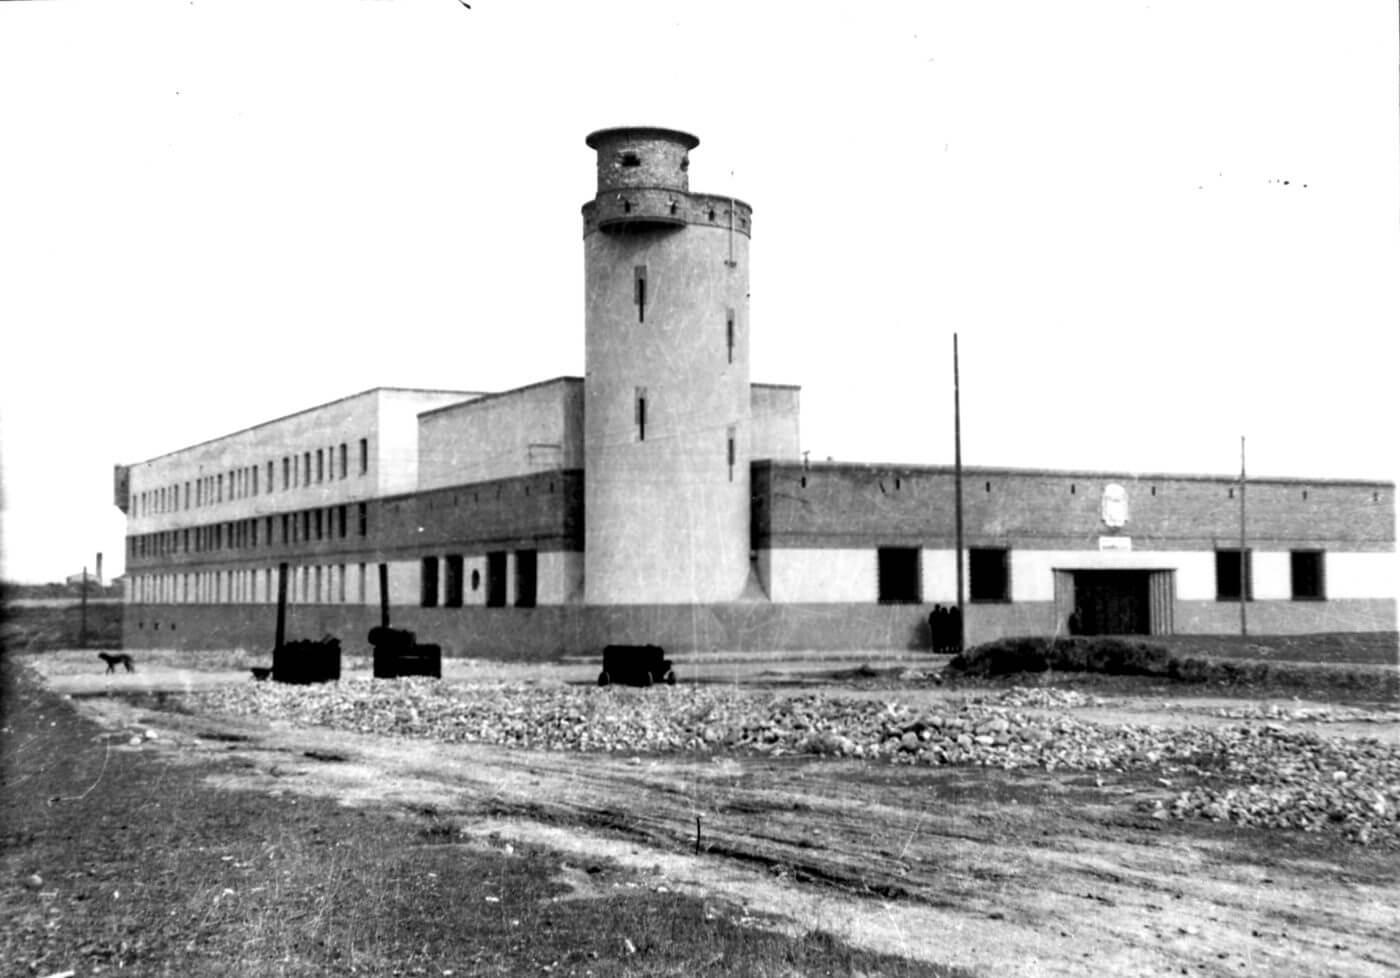 'Amigos de la Historia' vuelve a pedir que se proteja parte del antiguo cuartel de la Guardia Civil